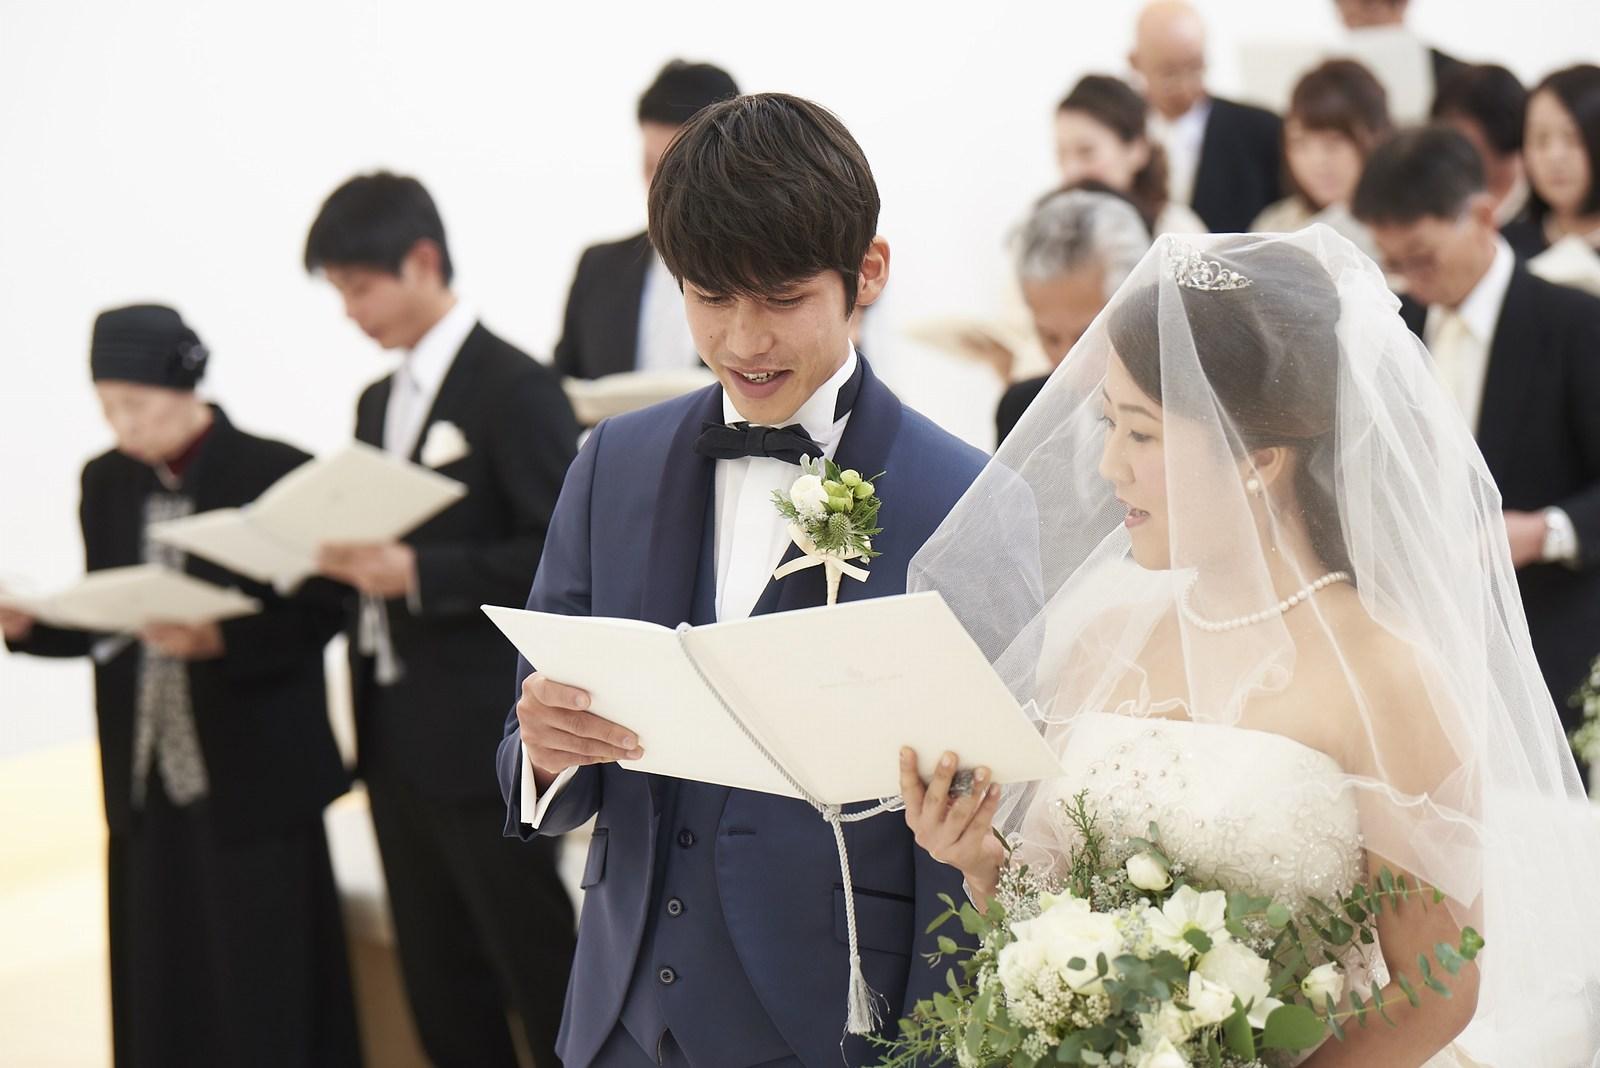 徳島市の結婚式場ブランアンジュのチャペルで聖歌を歌うゲストと新郎新婦